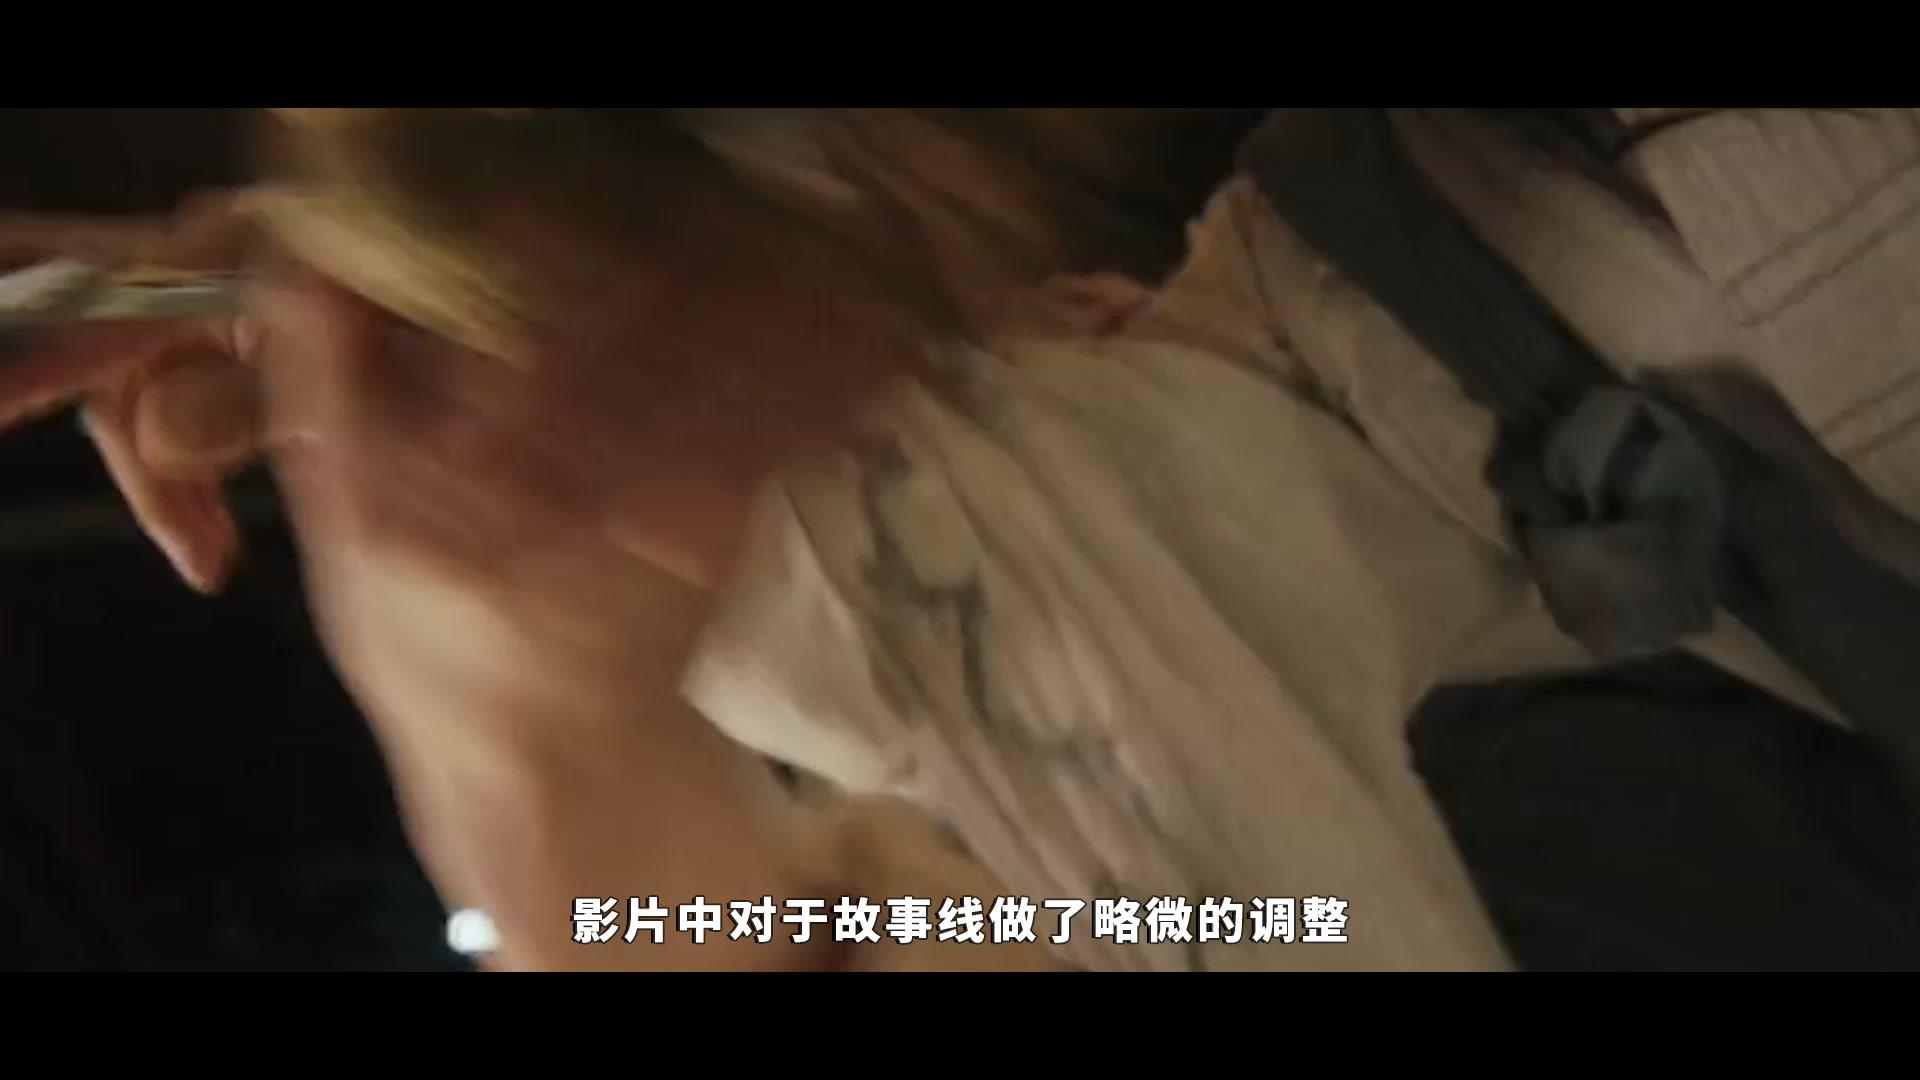 #追剧不能停#《龙虎山张天师》看点大赏:樊少皇道法斗巫,拯救苍生